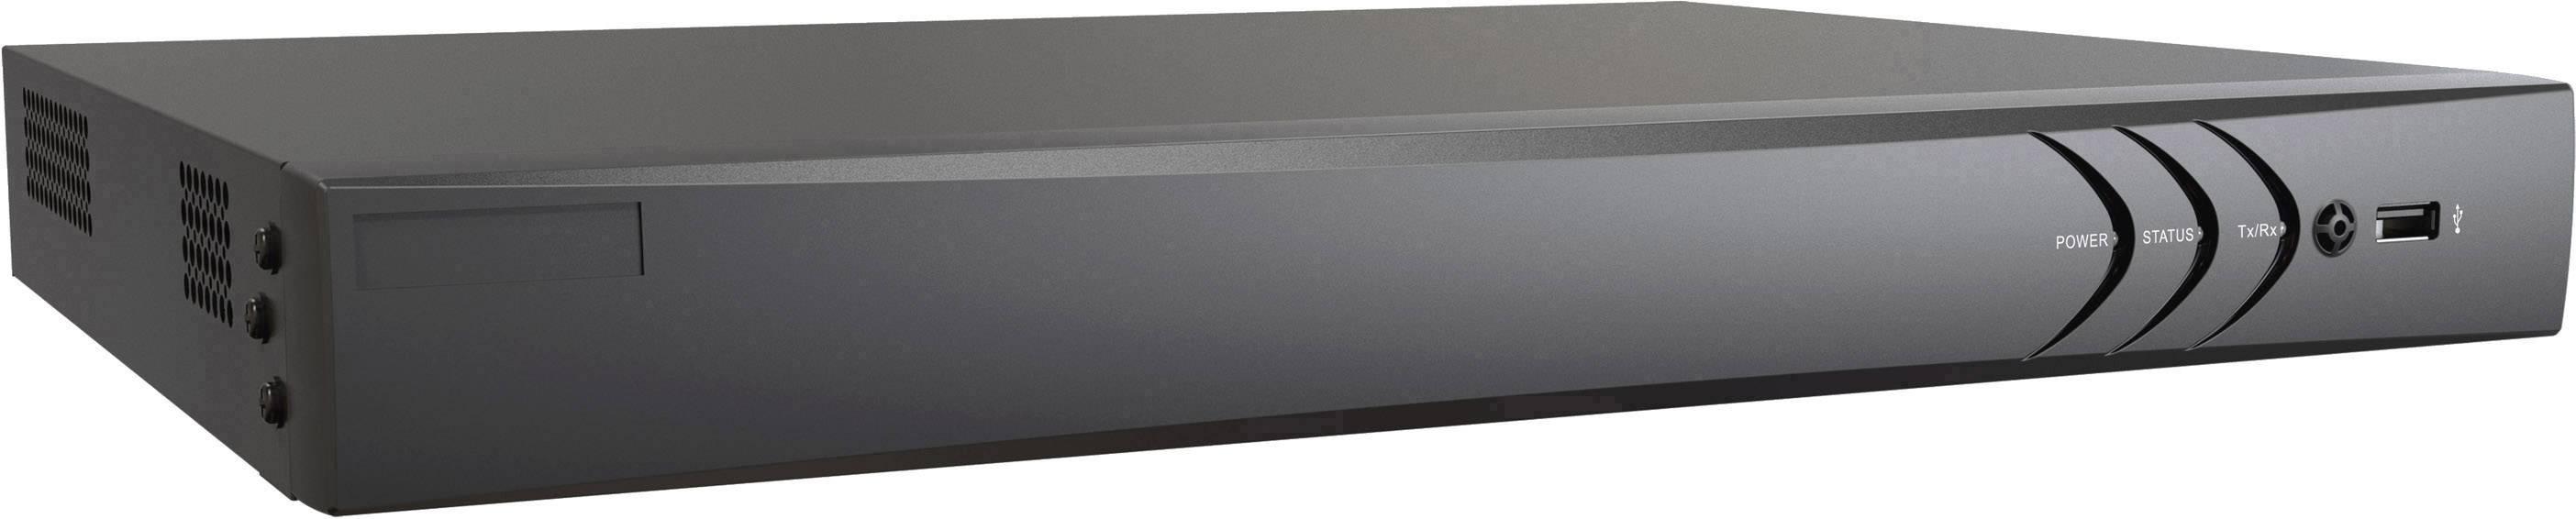 Sieťový IP videorekordér (NVR) pre bezp.kamery HiWatch DS-N616-16P DS-N616-16P, 16-kanálový